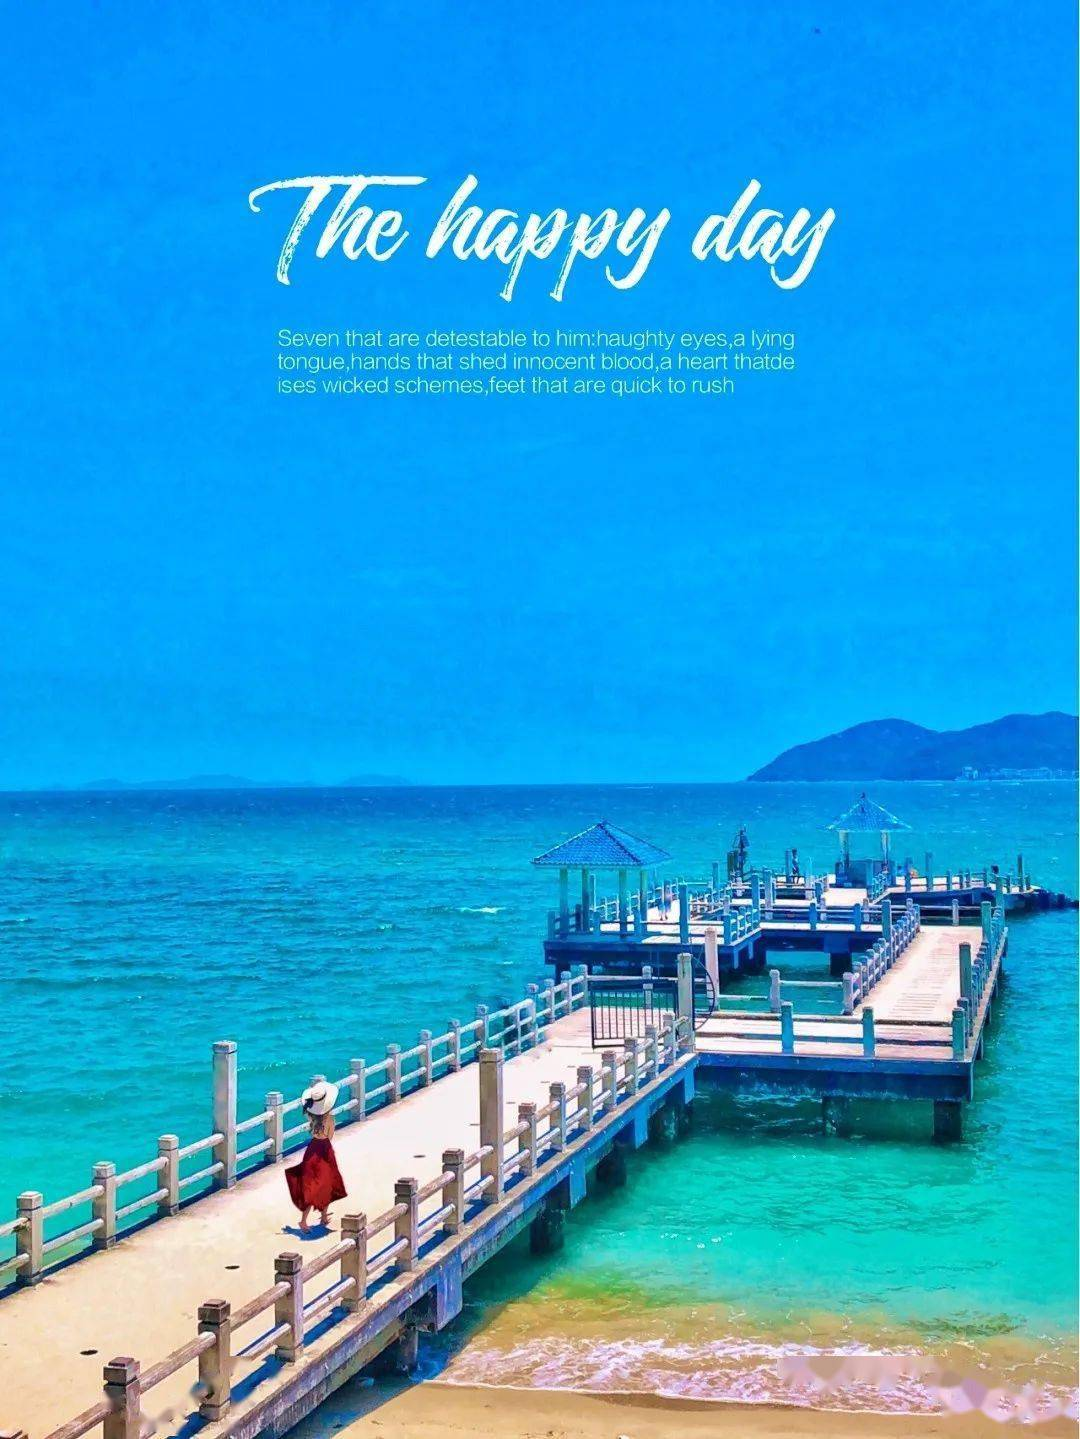 【沙滩抢购】2天1晚¥168/2人,住海边酒店,叹醉美落霞!自由品尝鲜美海鲜,现在就出发吧!